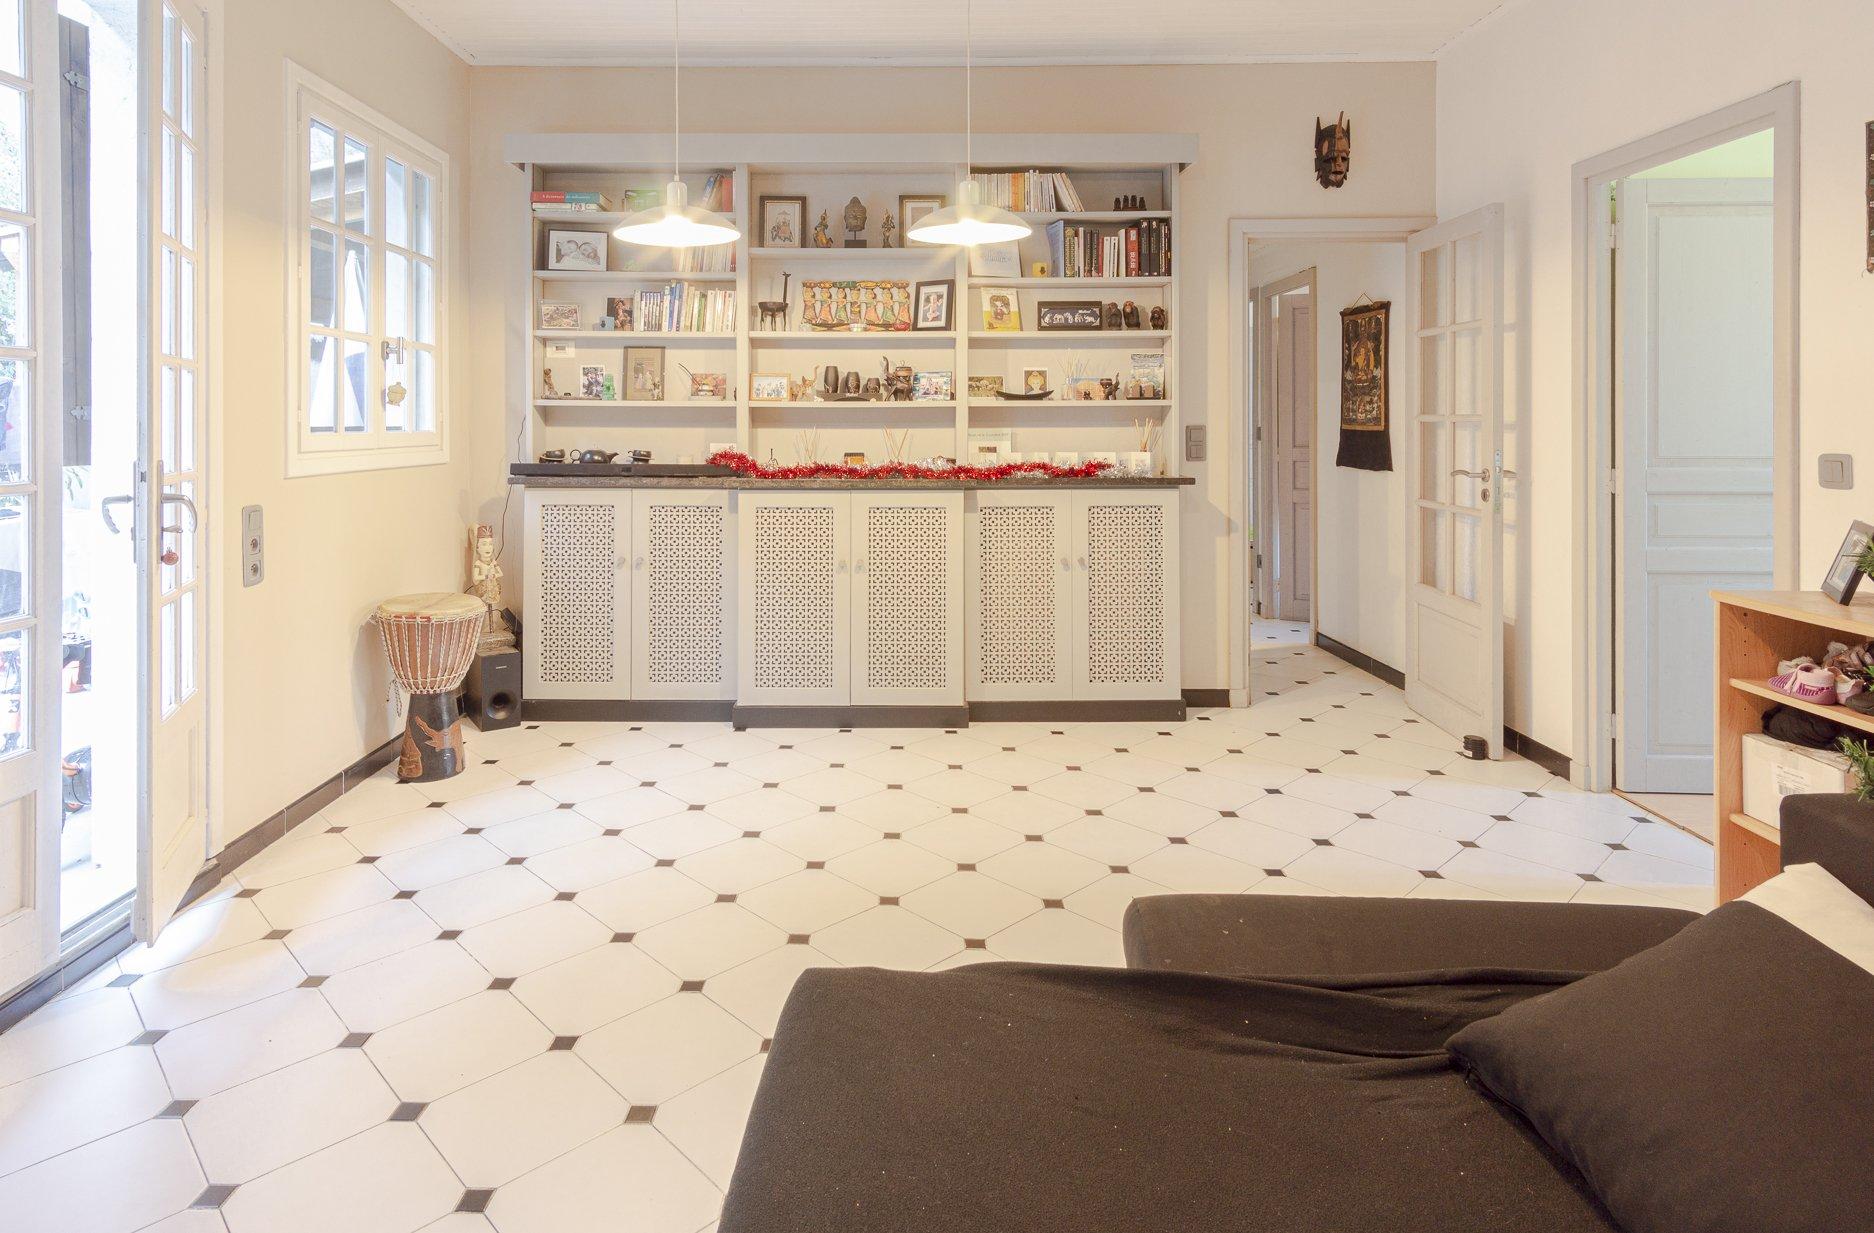 Verkauf Wohnung - Nizza (Nice) Pasteur